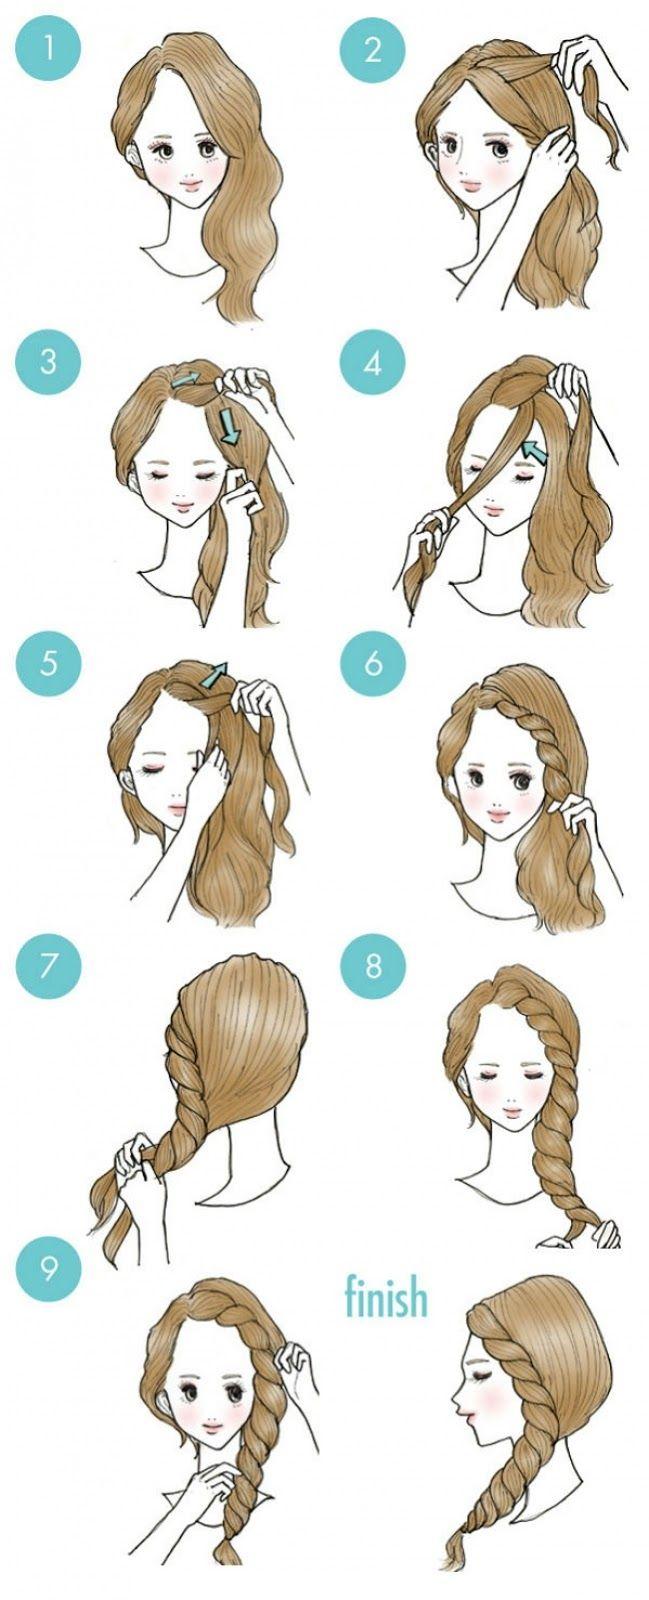 BEN ♥ İYİSİMİ: 20 pratik, şık, gösterişli saç modeli